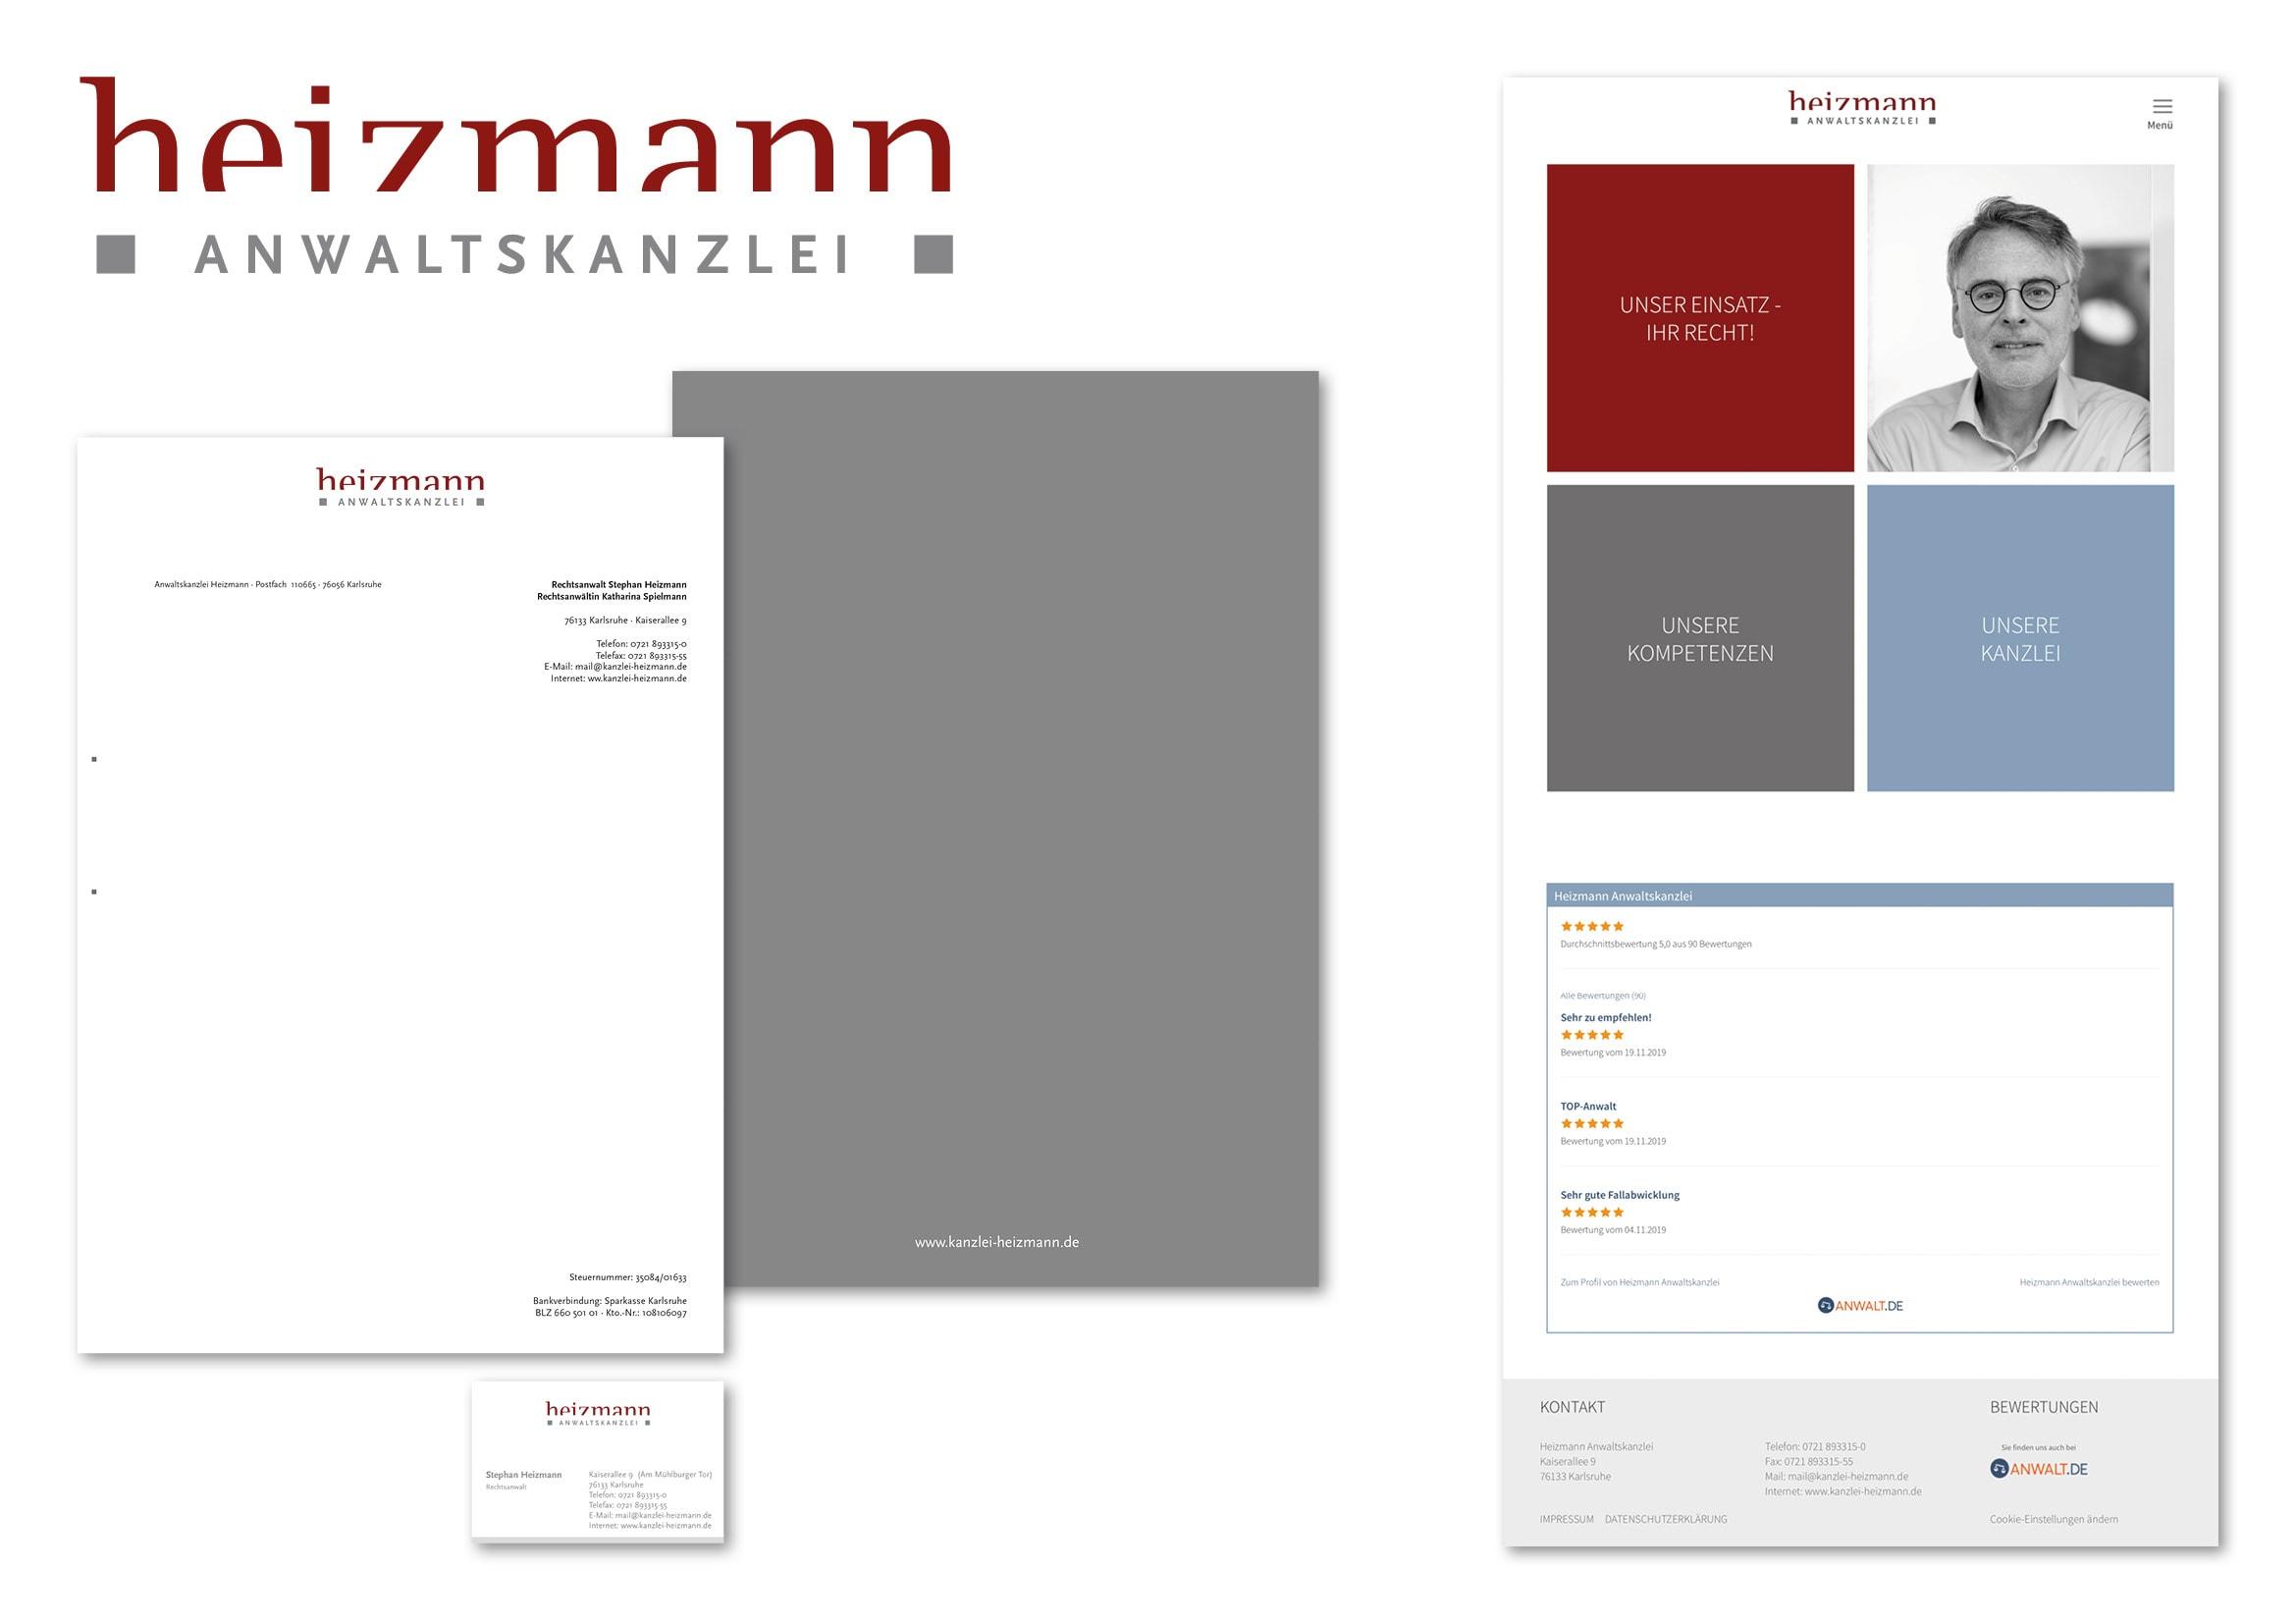 Corporate Design und Webdesign Entwicklung für Anwaltskanzlei Heizmann